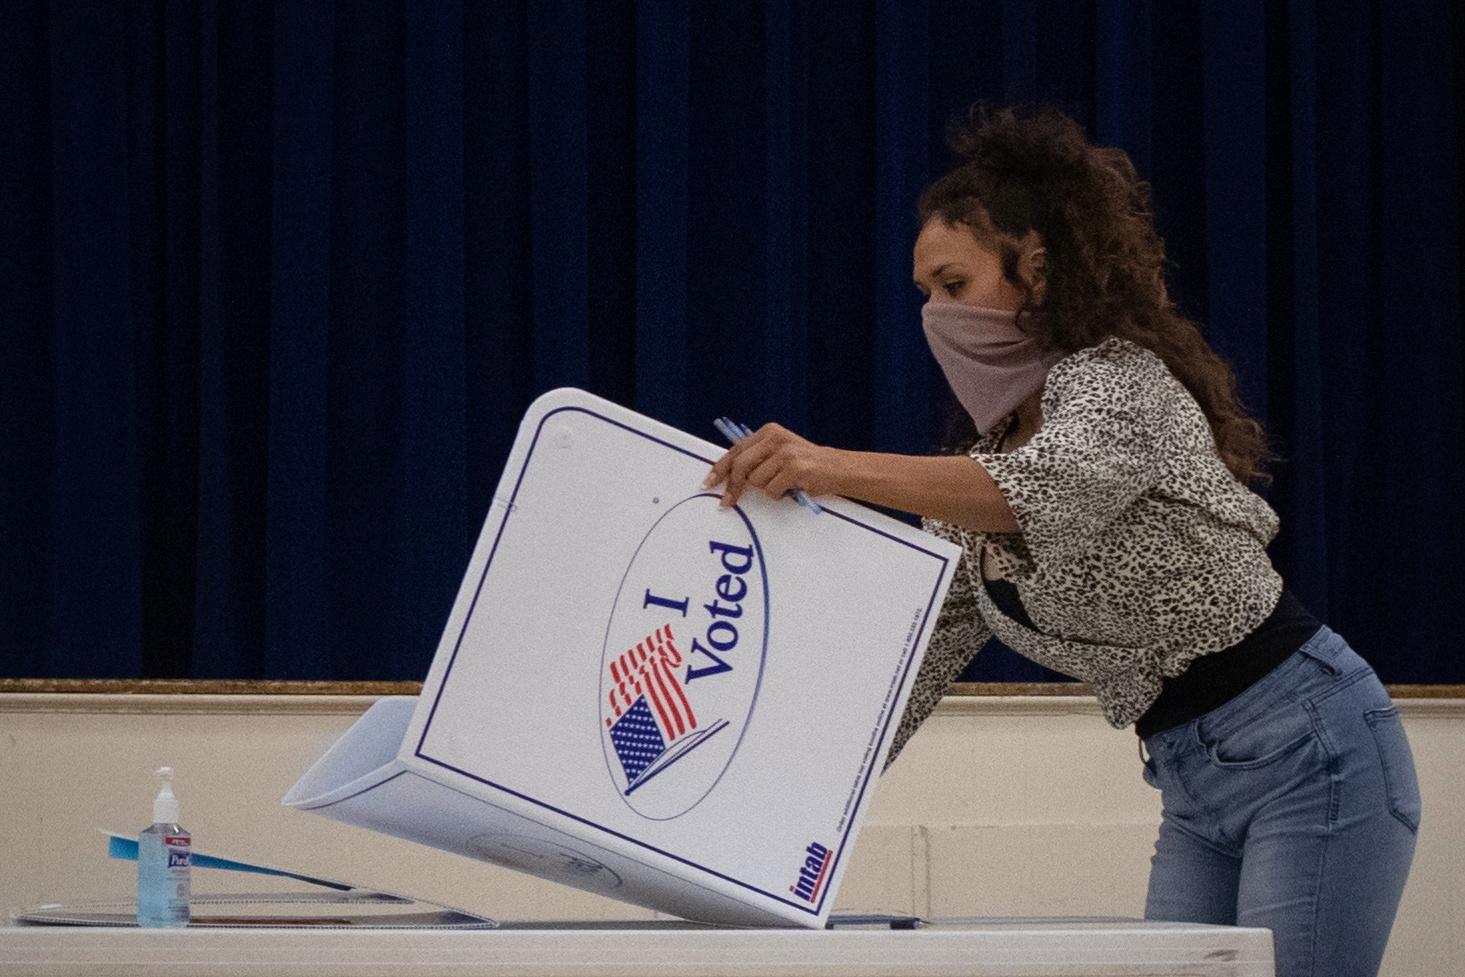 """Αμερικανικές εκλογές: Τα.. γυρίζει τώρα ο ταχυδρόμος που κατήγγειλε παρατυπίες με τις επιστολικές ψήφους – """"Είπα ψέματα"""""""